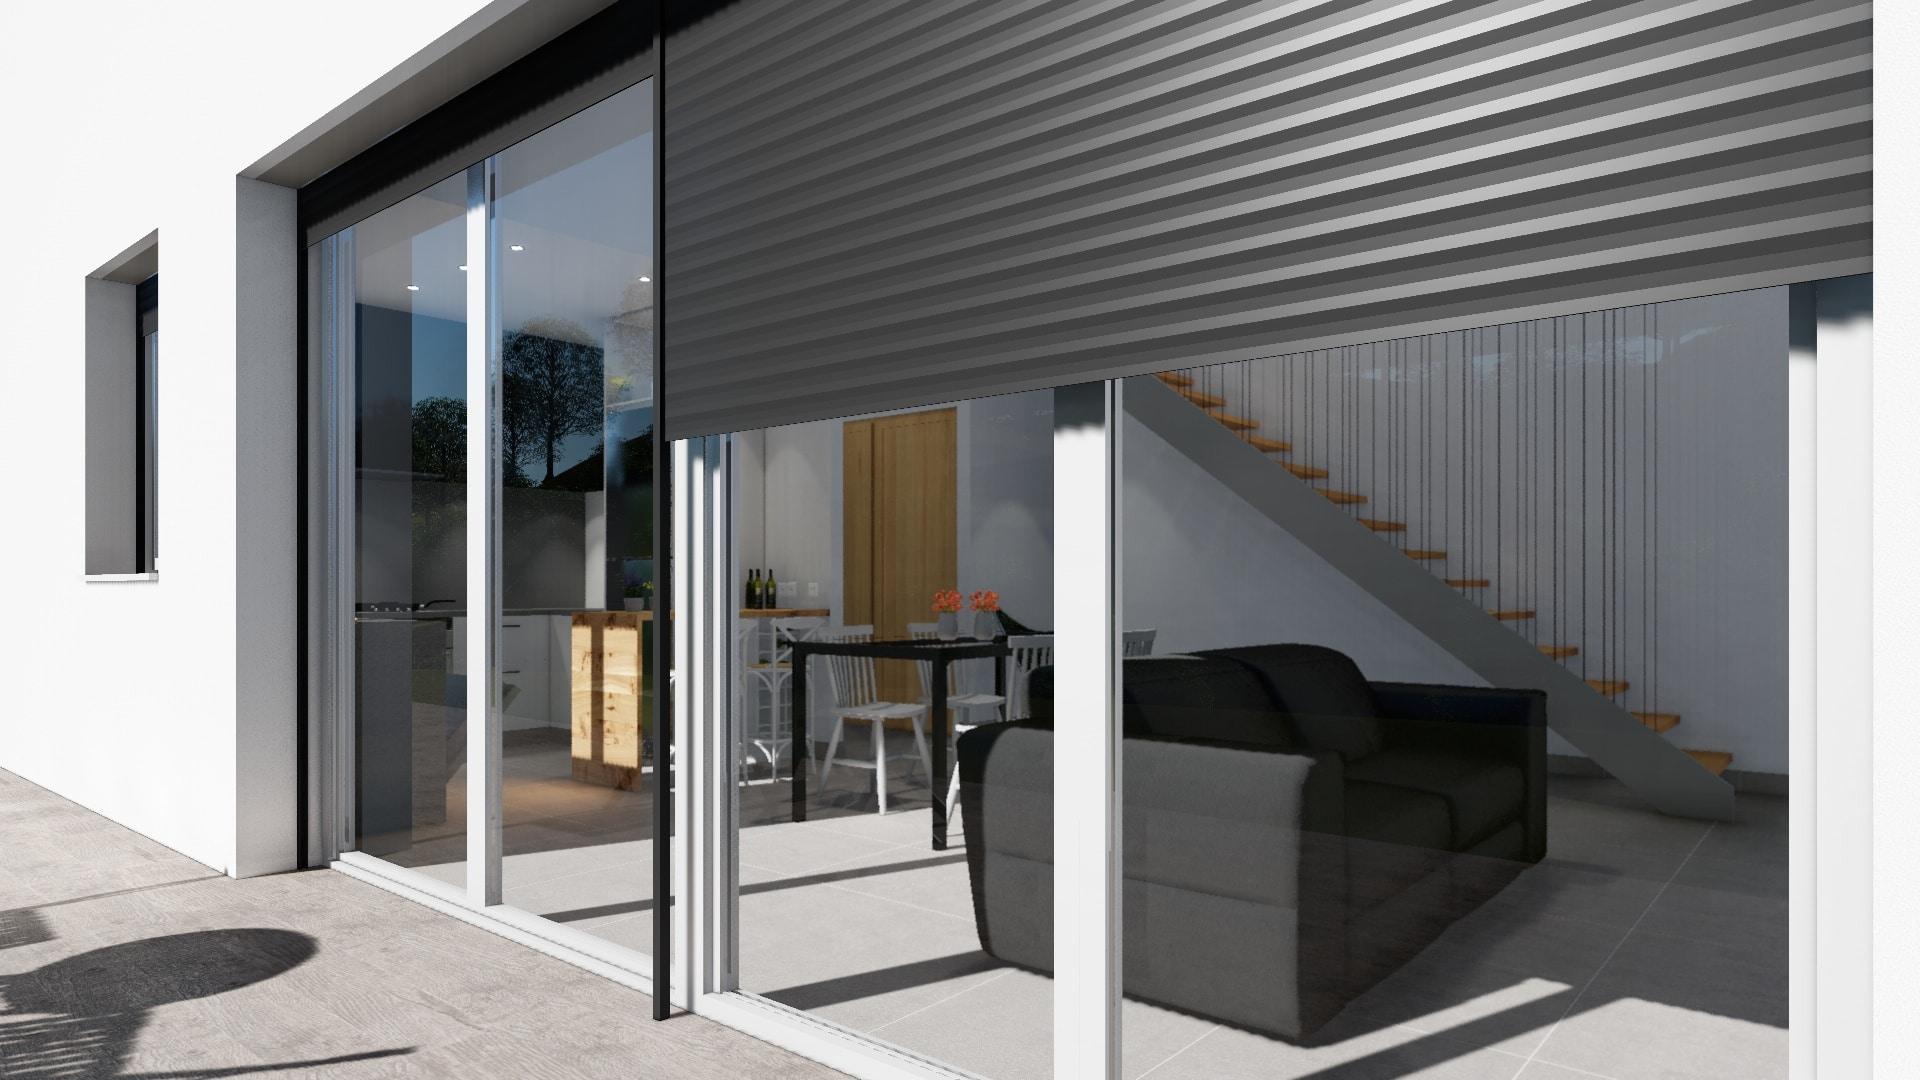 Vivienda modular modelo Torreblanca - render 1